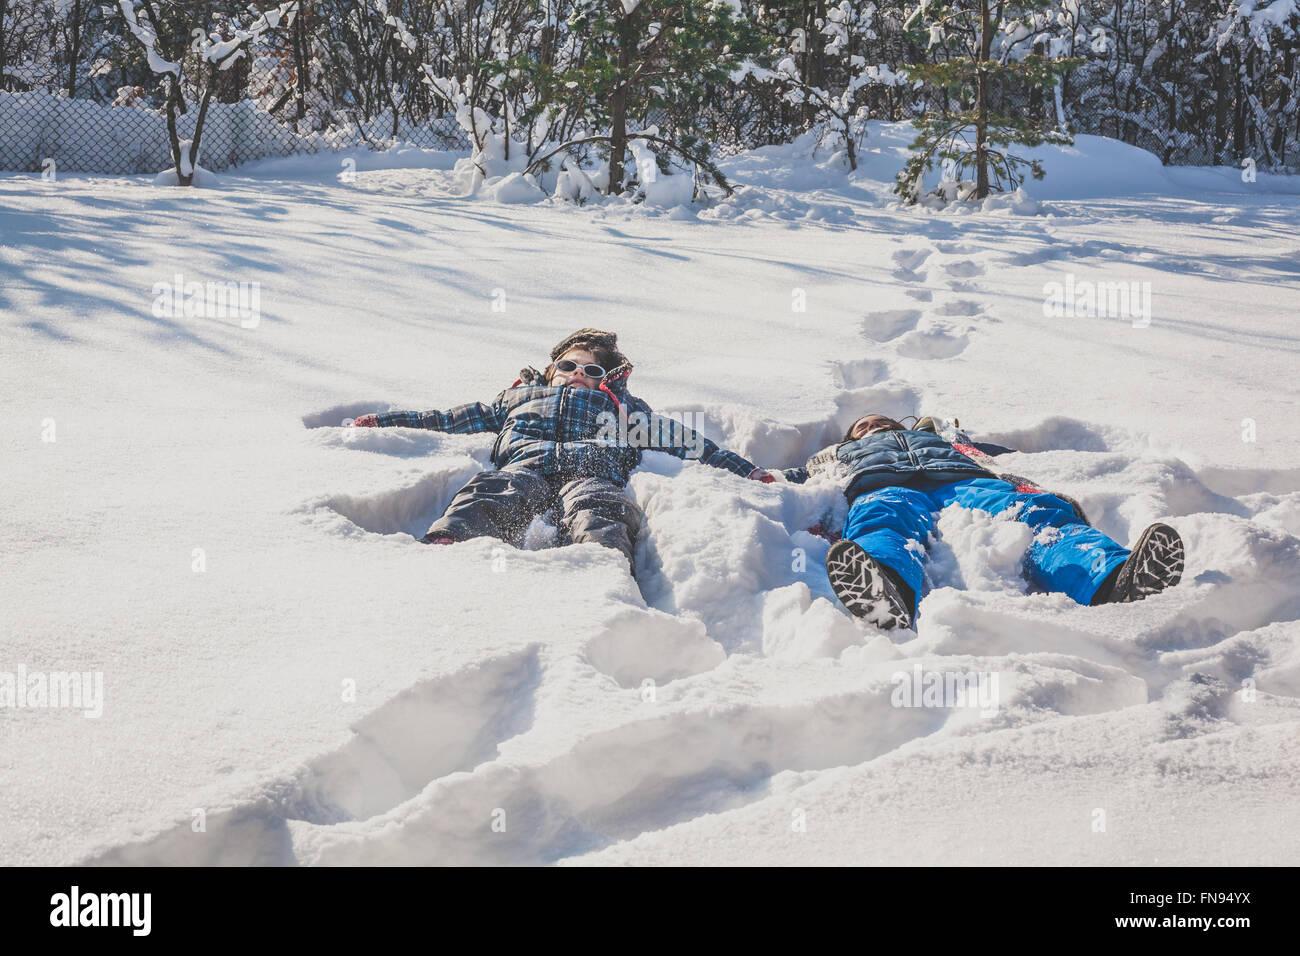 Chico y chica acostada en la nieve haciendo ángeles de nieve en la nieve. Imagen De Stock